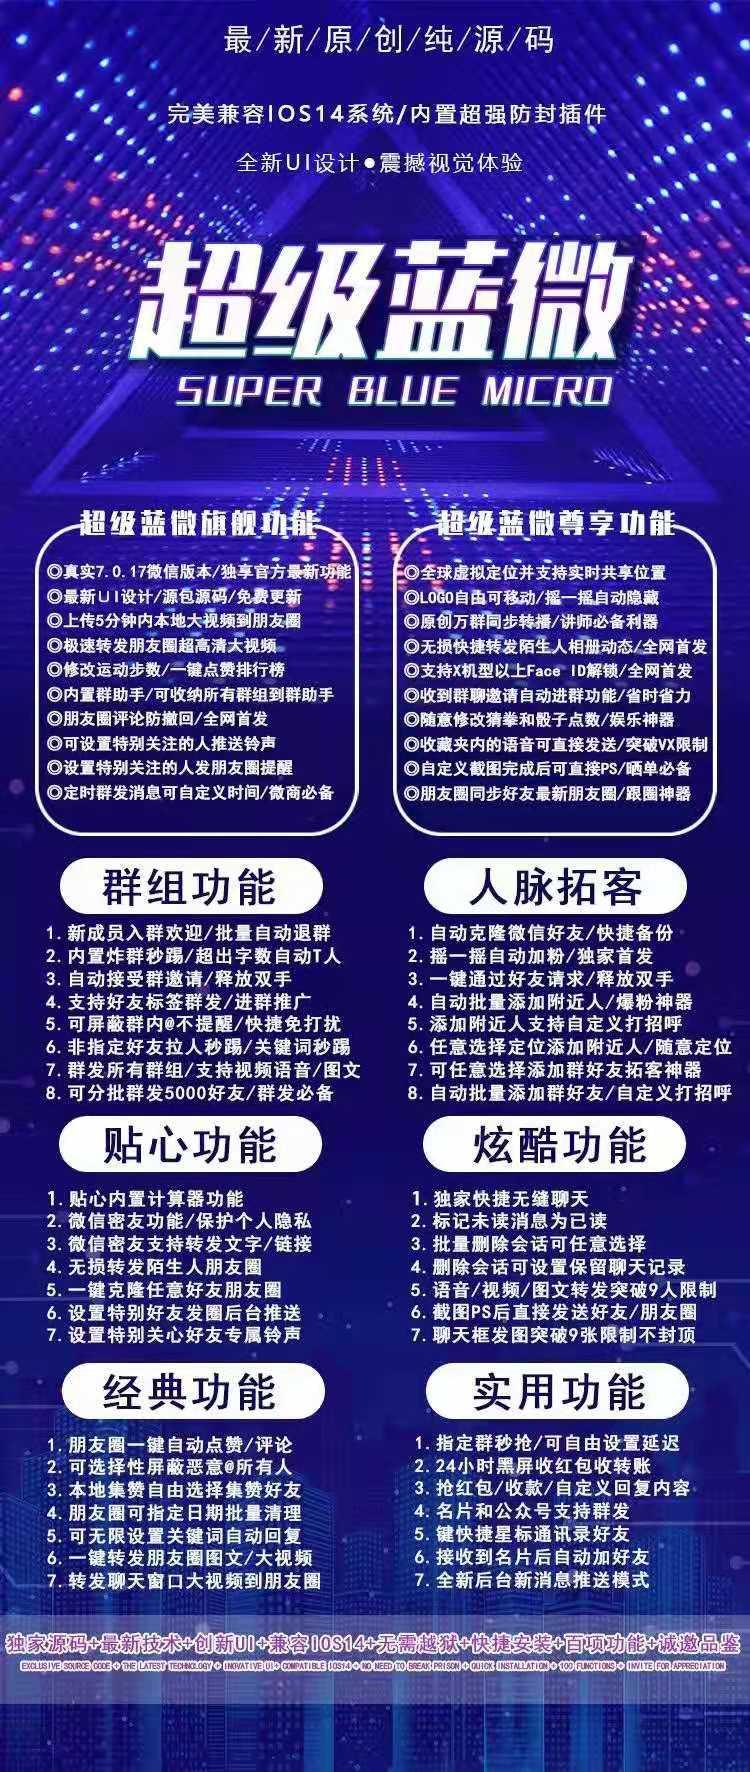 【苹果超级蓝微激活码】苹果版